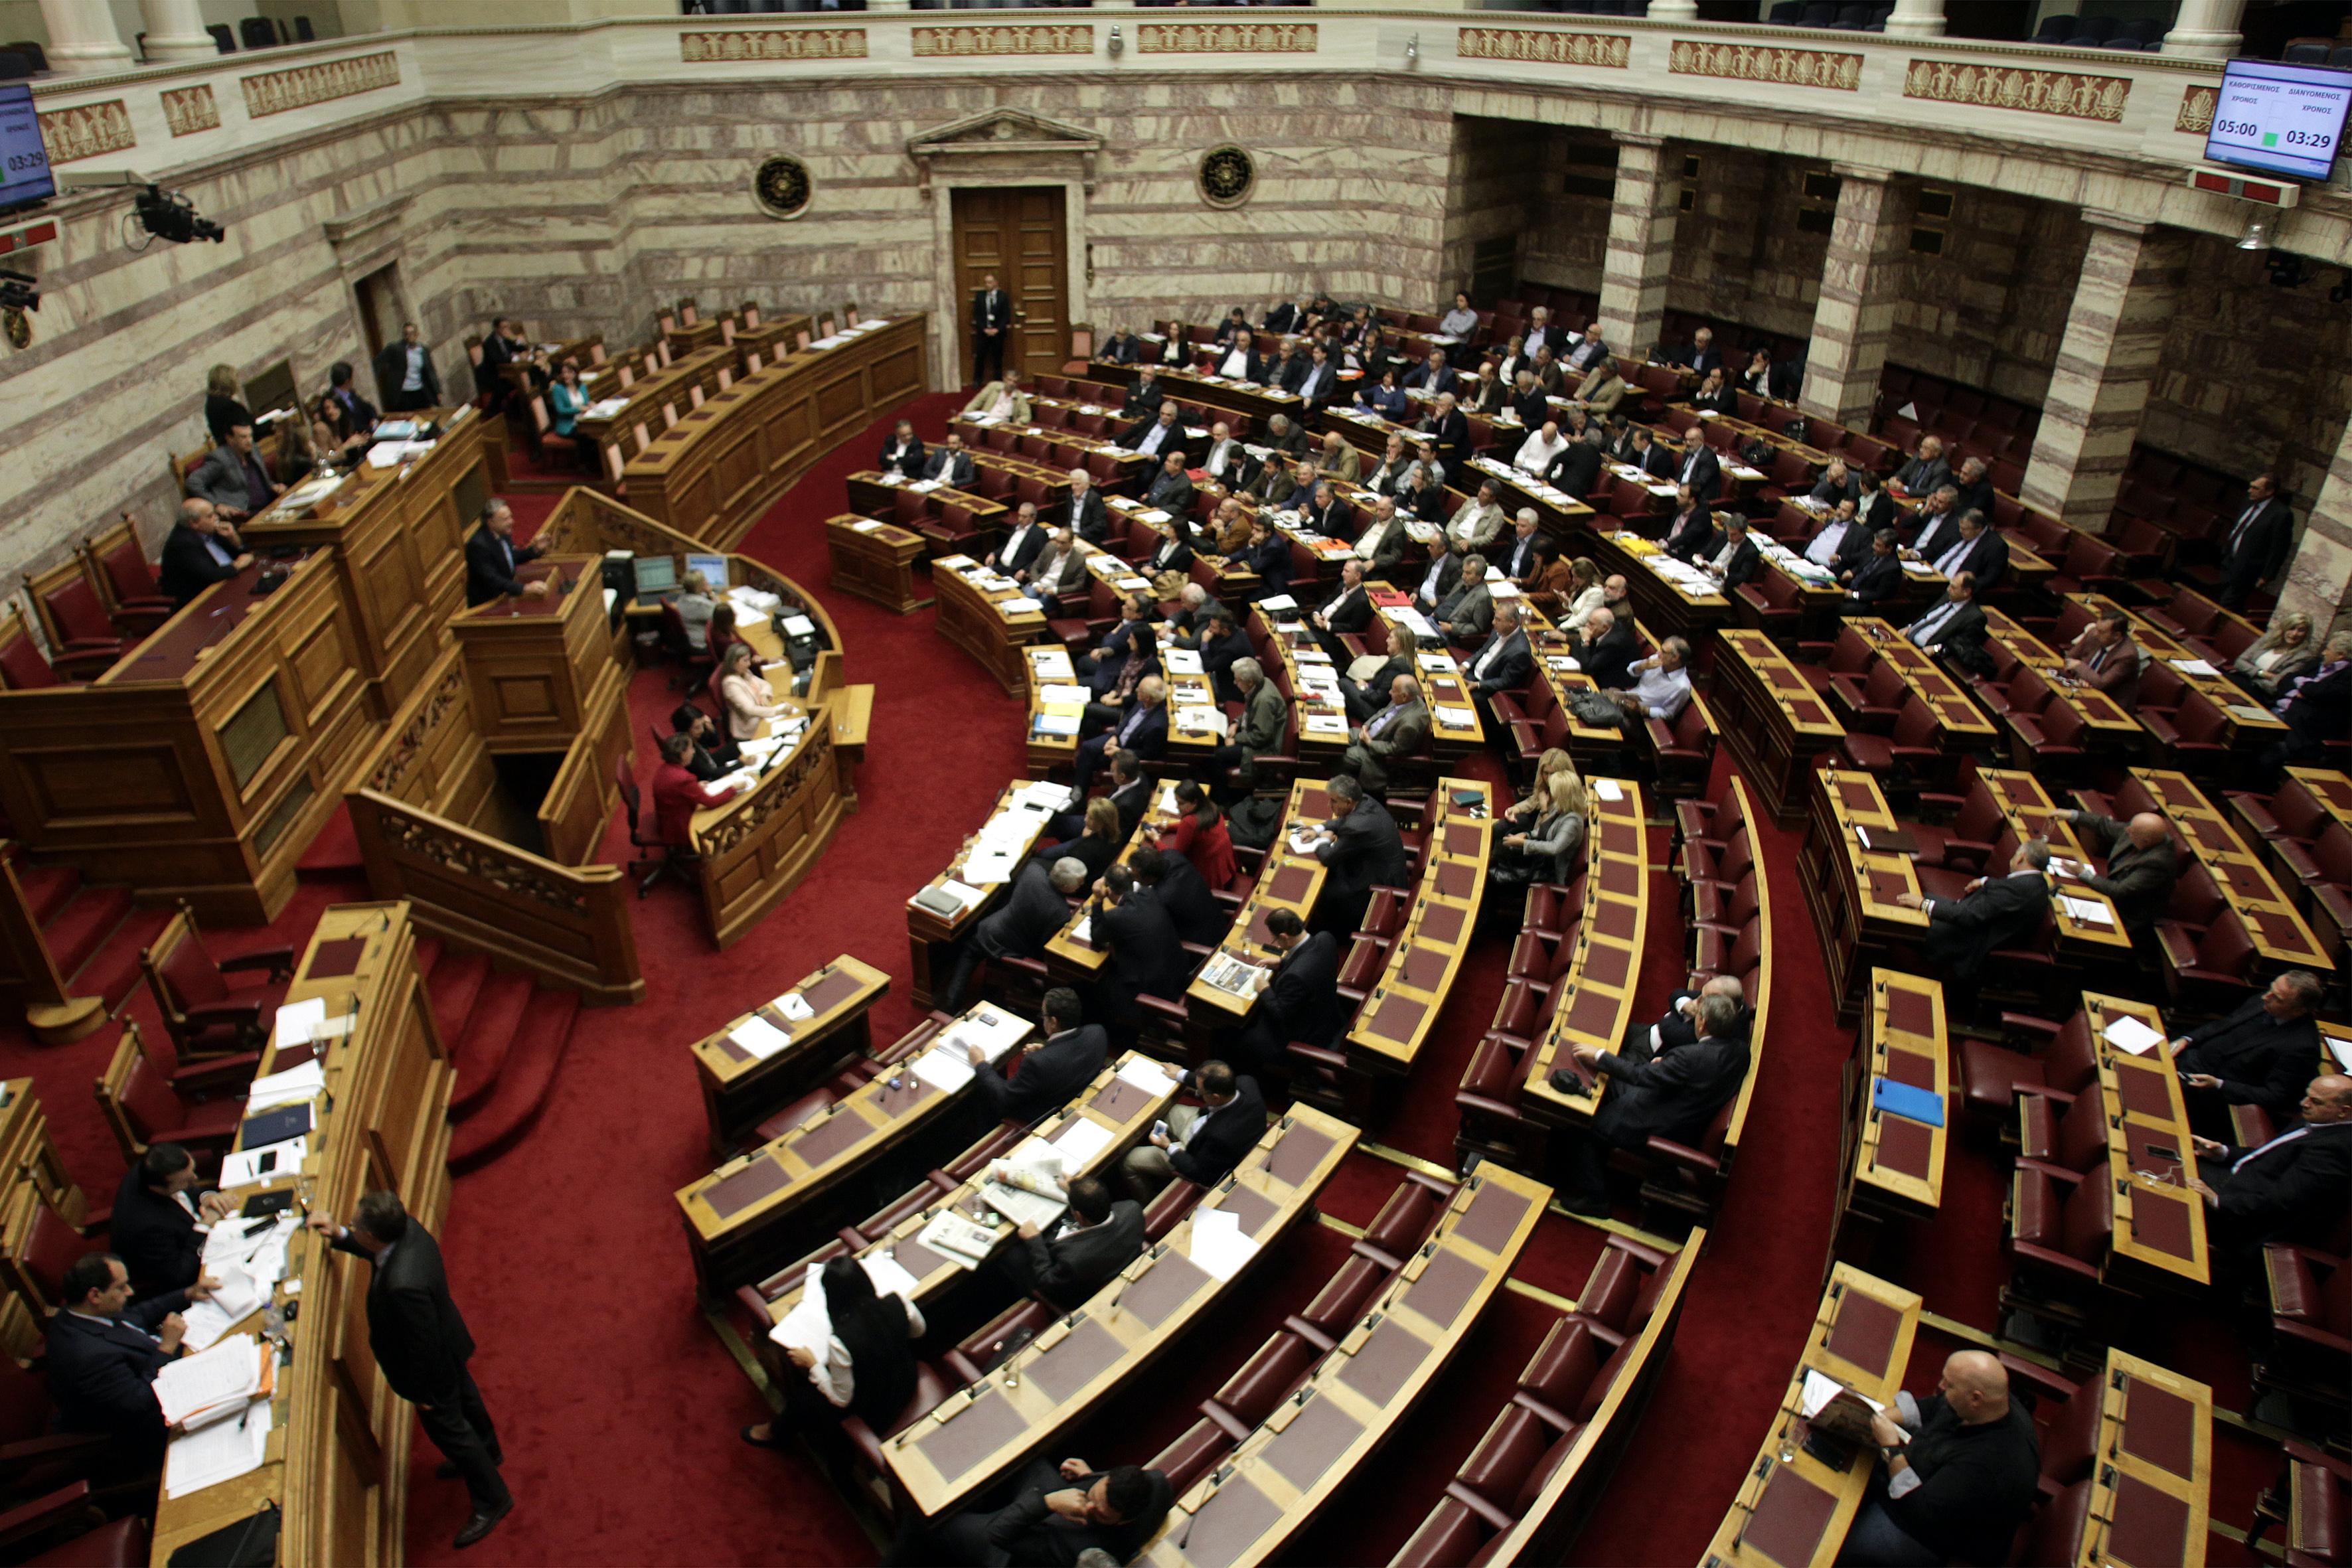 Η ΝΔ ζητάει ενημέρωση για την εξωτερική πολιτική στη Βουλή | tovima.gr